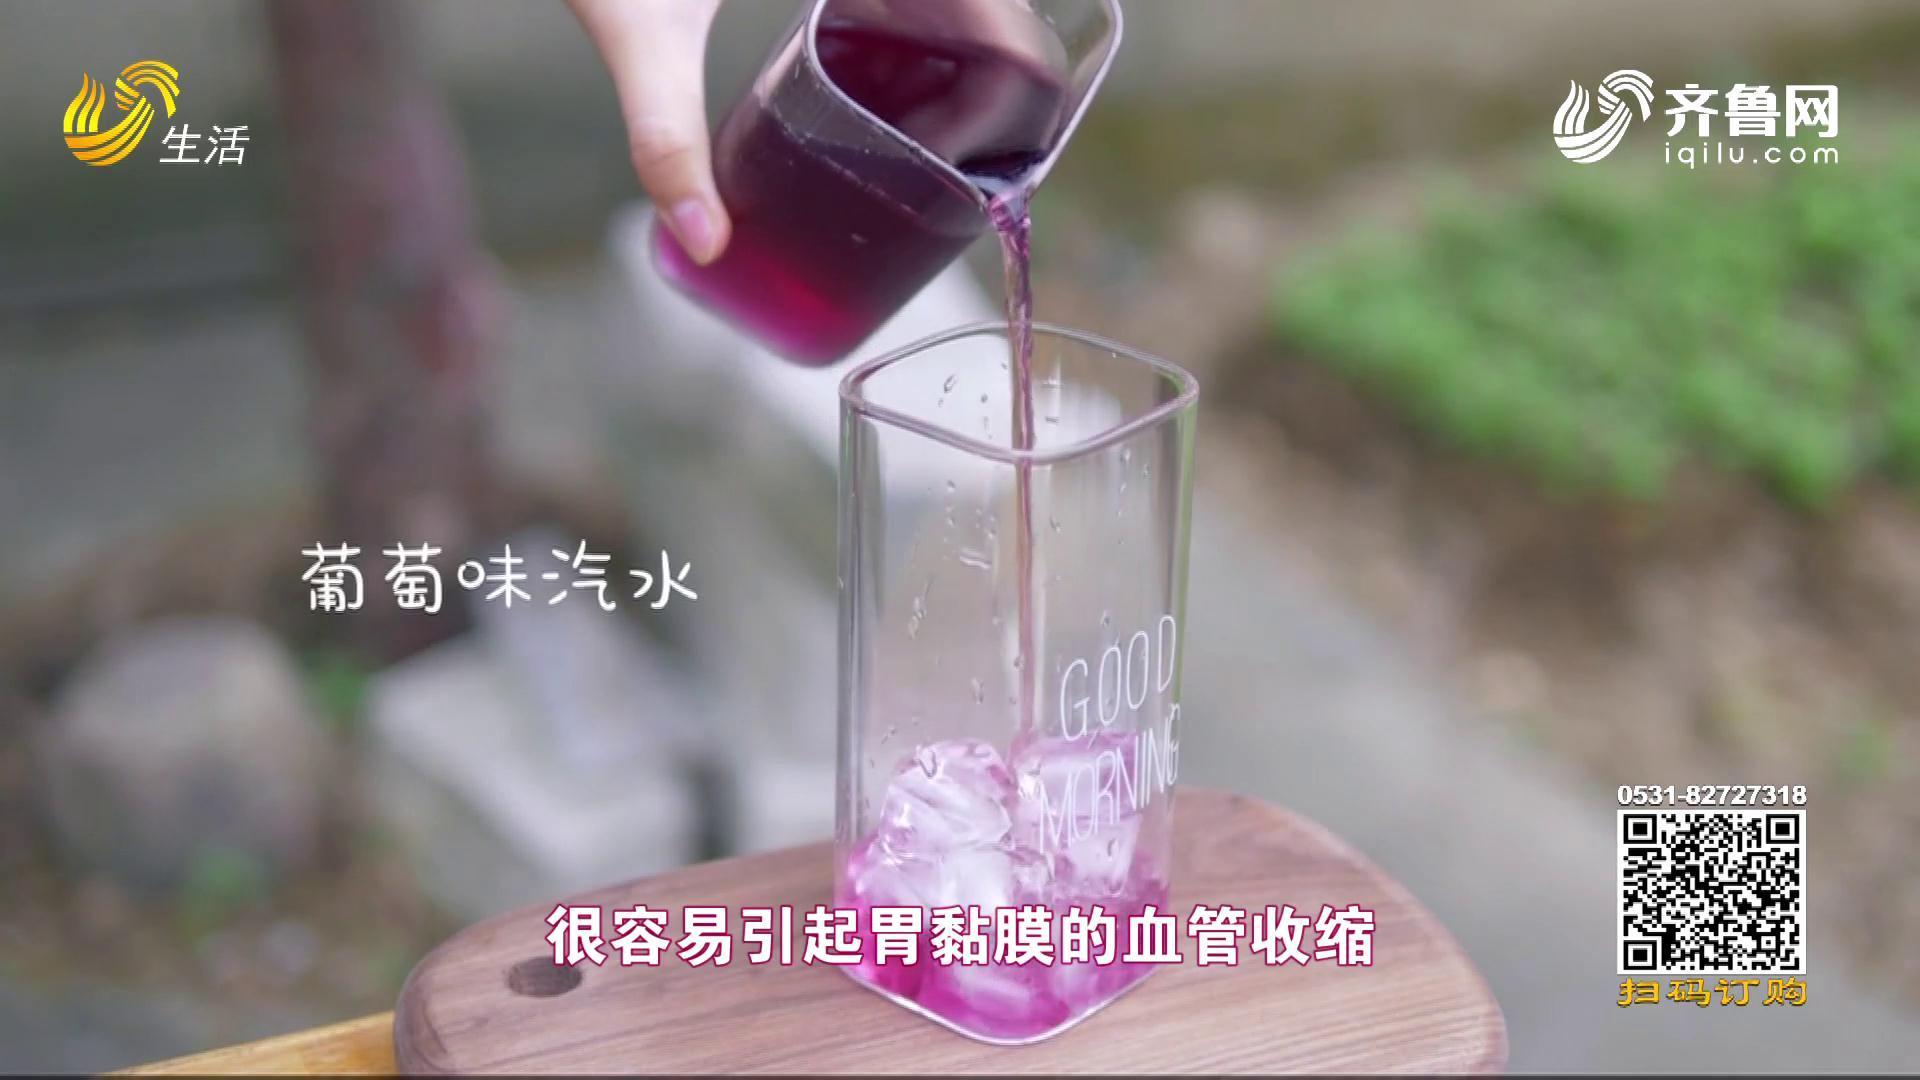 专家提示冰镇饮料越喝越渴,过量饮用还会毁伤身材